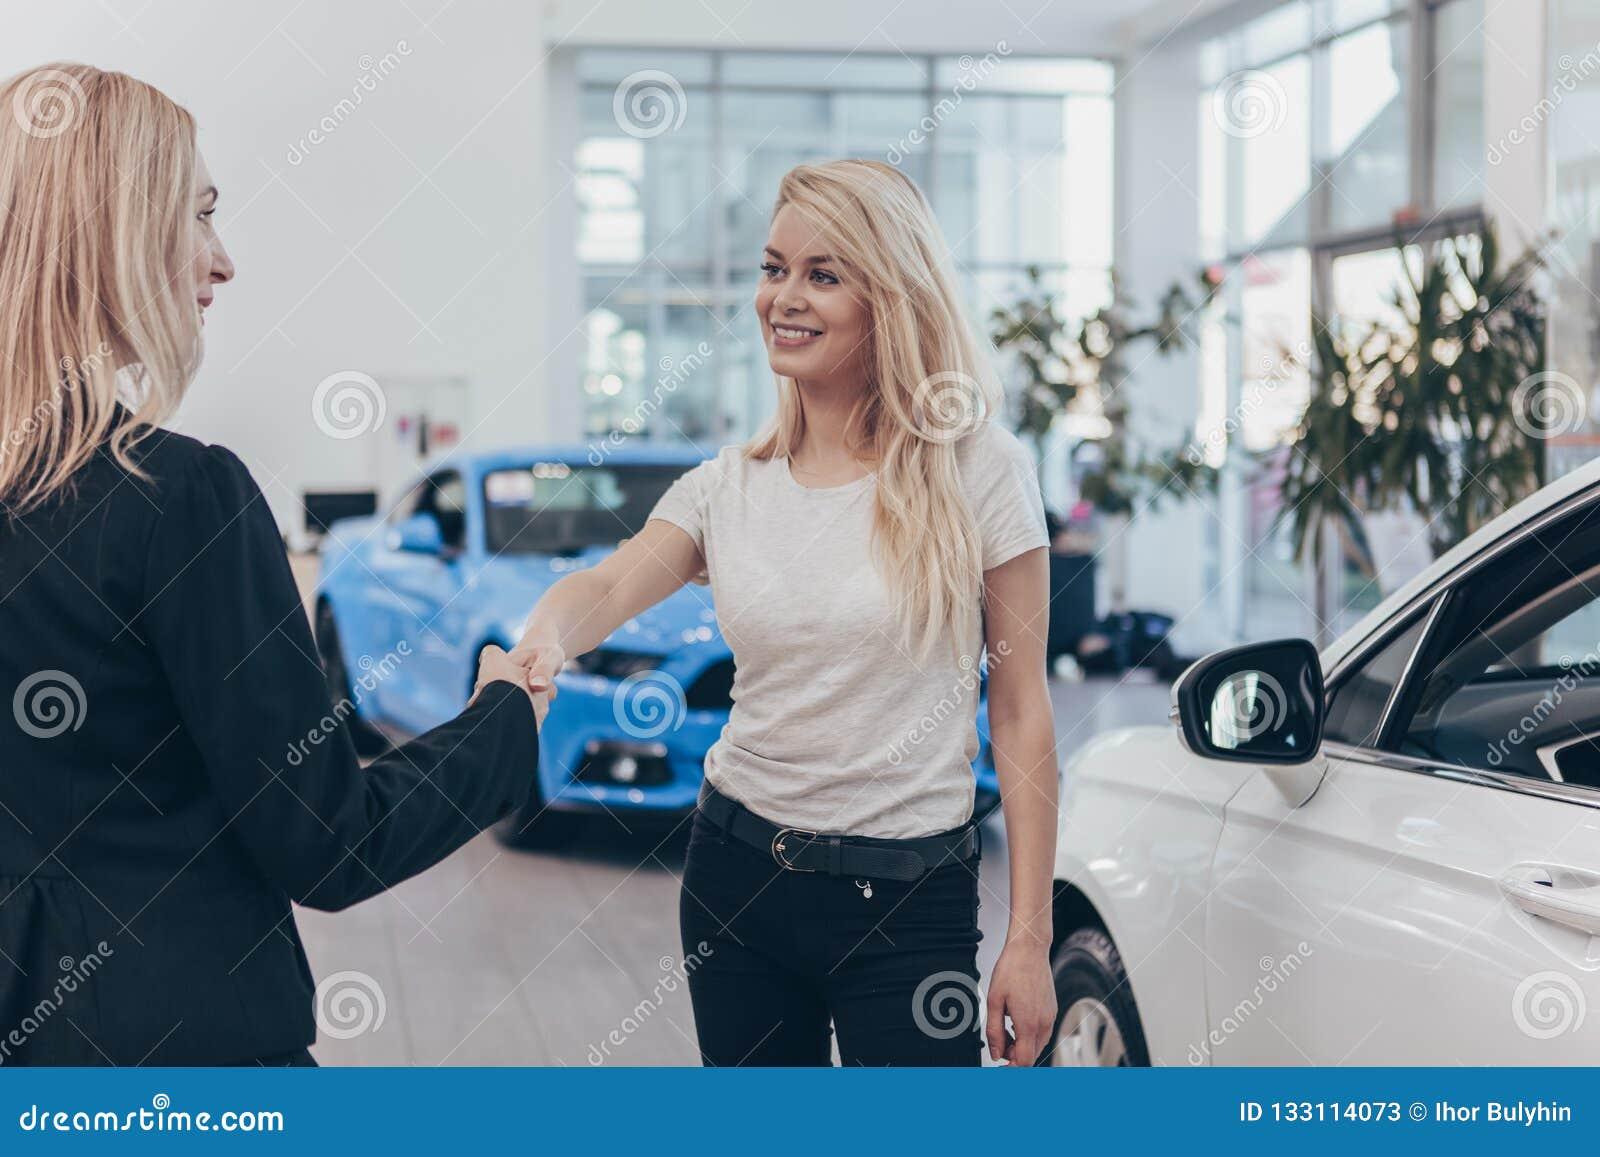 Concesionario de coches profesional que ayuda a su cliente femenino